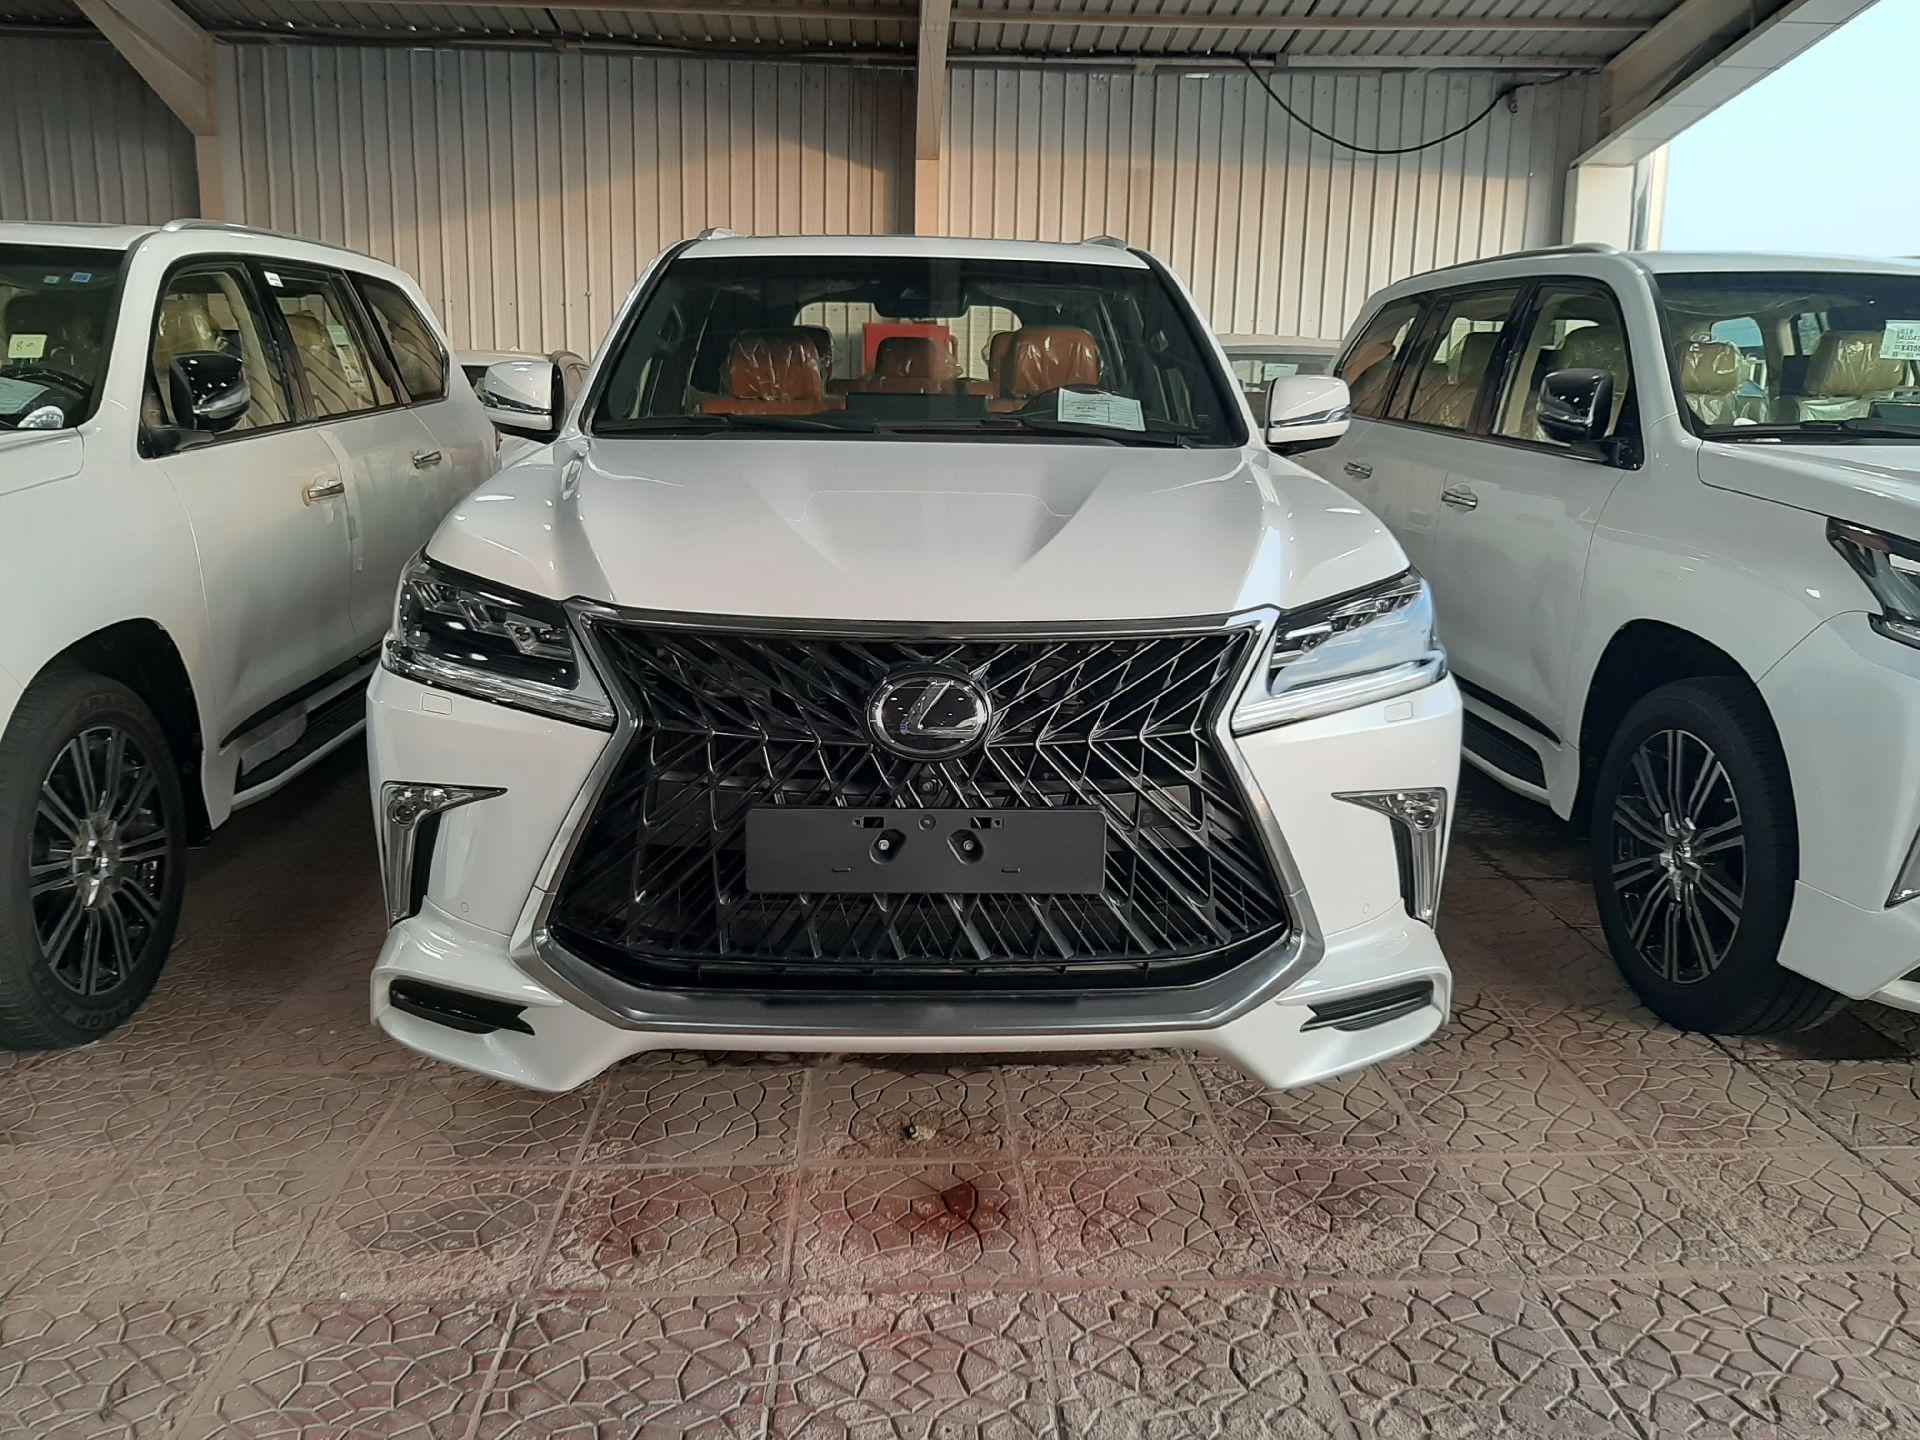 مباع - لكزس LX570  دايموند 2020 خليجي فل جديد للبيع في الرياض - السعودية - صورة كبيرة - 5